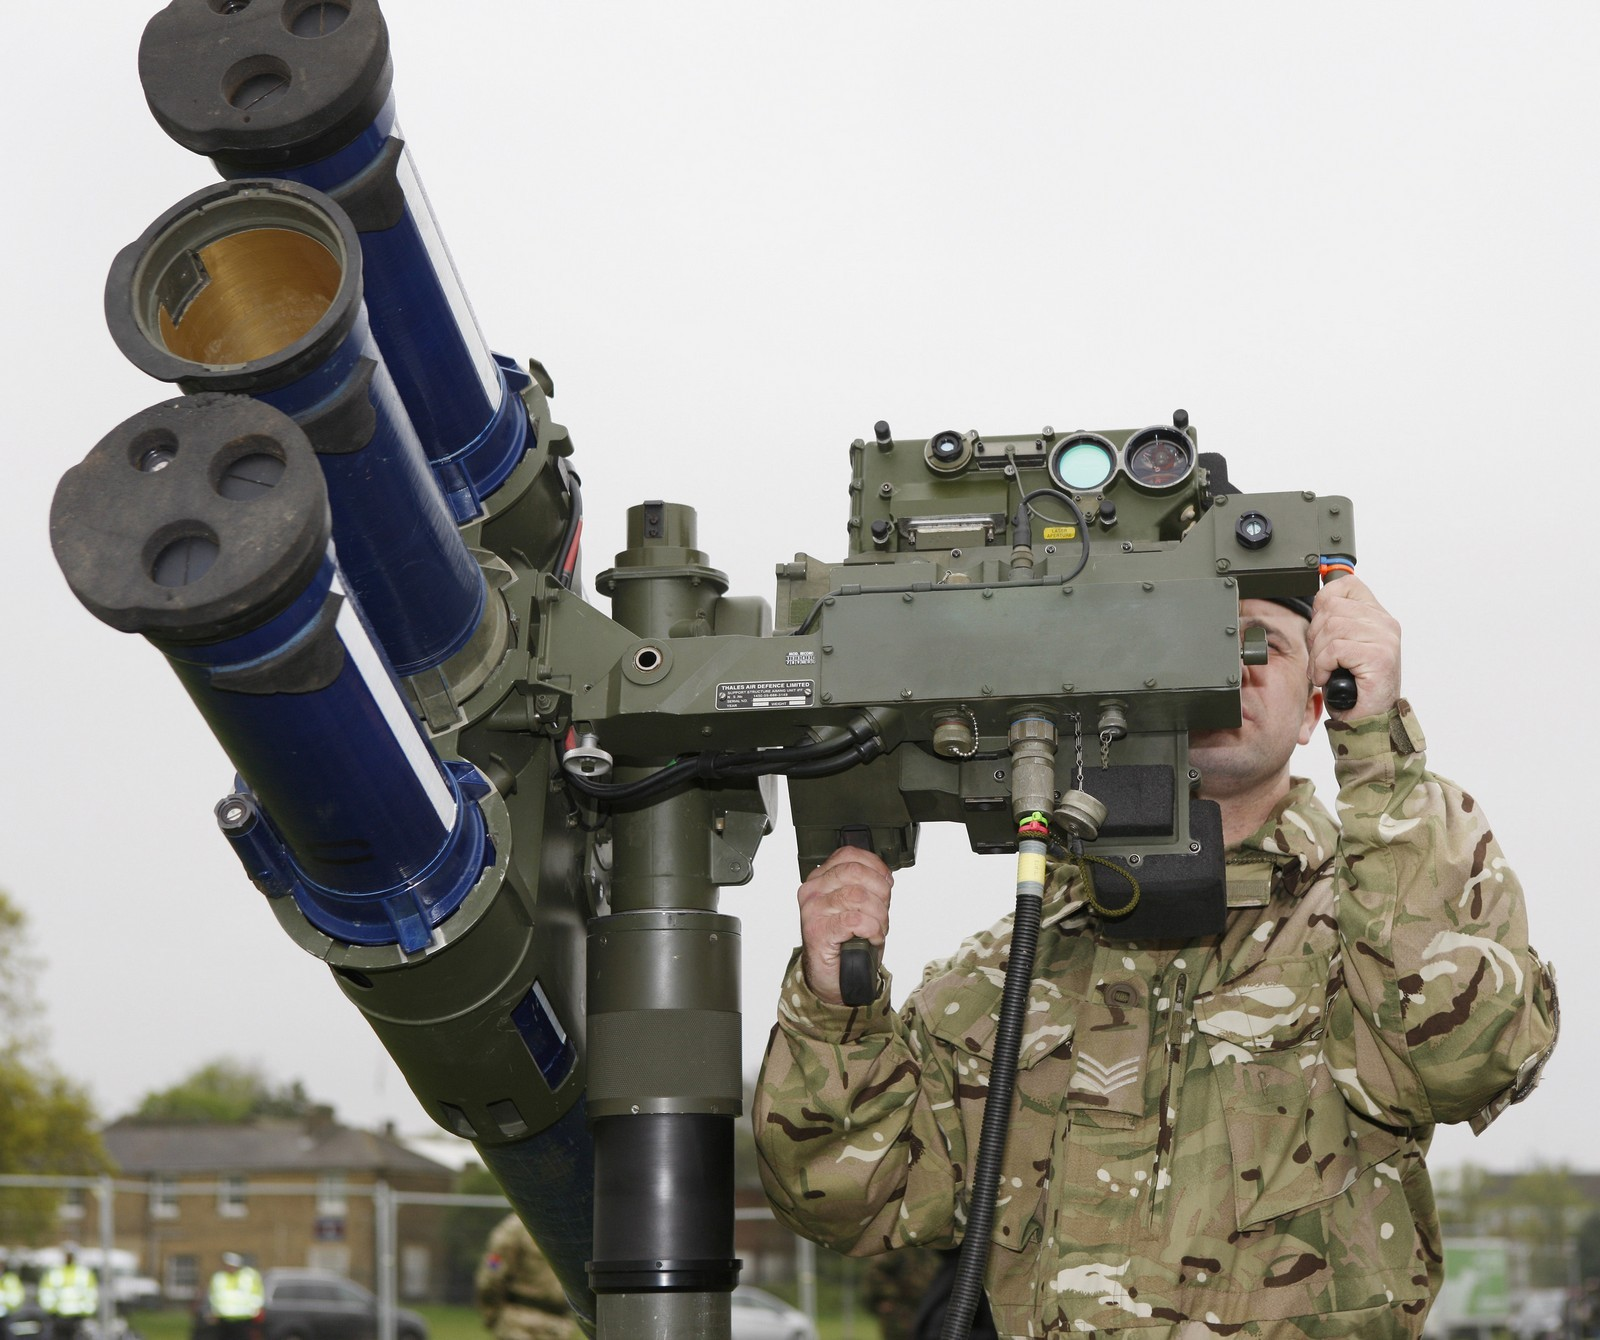 탈레스 UK의 대공 미사일을 구매한 인도네시아 육군